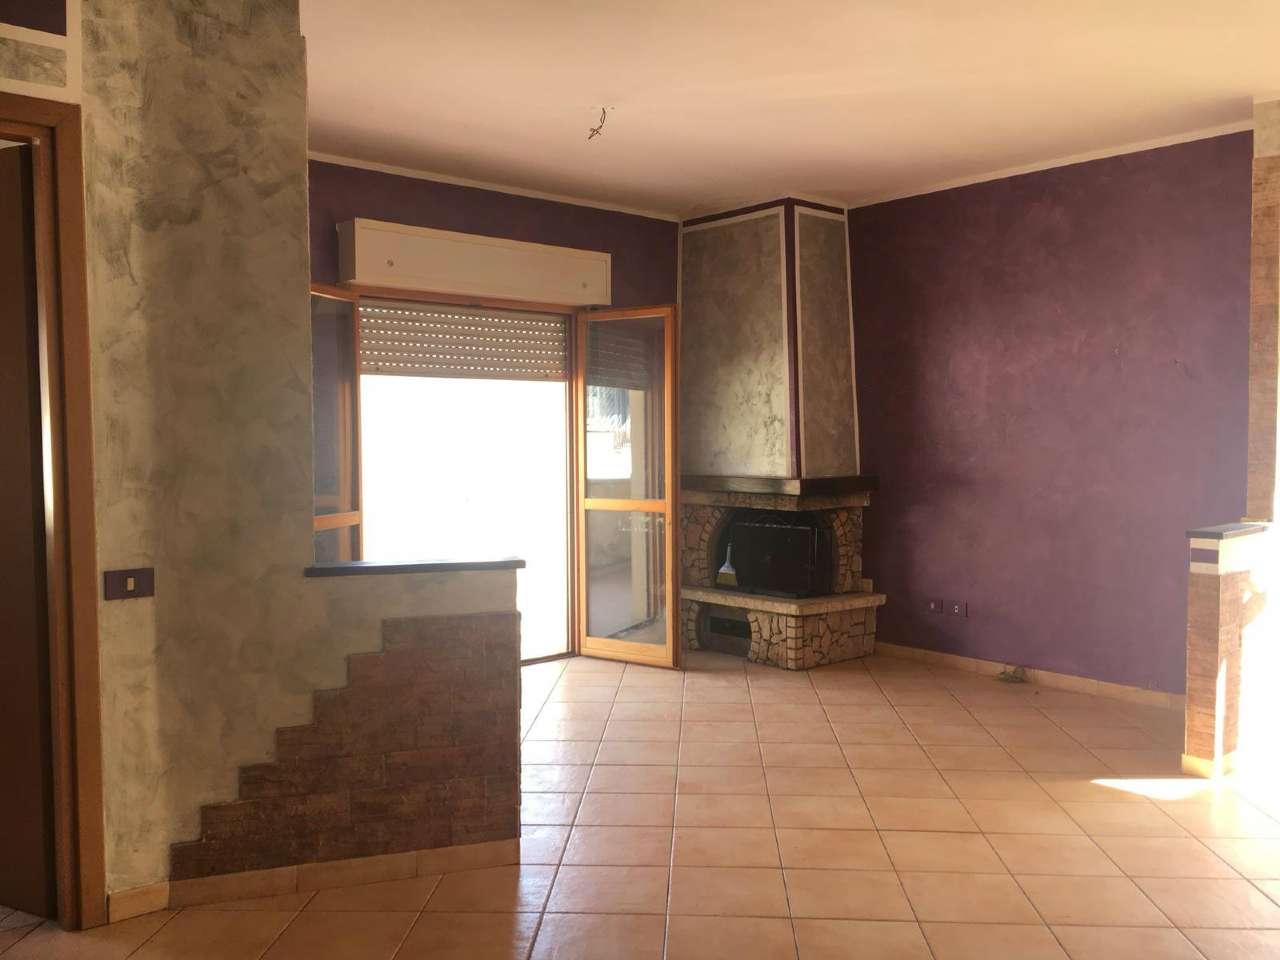 Appartamento in vendita a Guidonia Montecelio, 3 locali, prezzo € 138.000 | CambioCasa.it